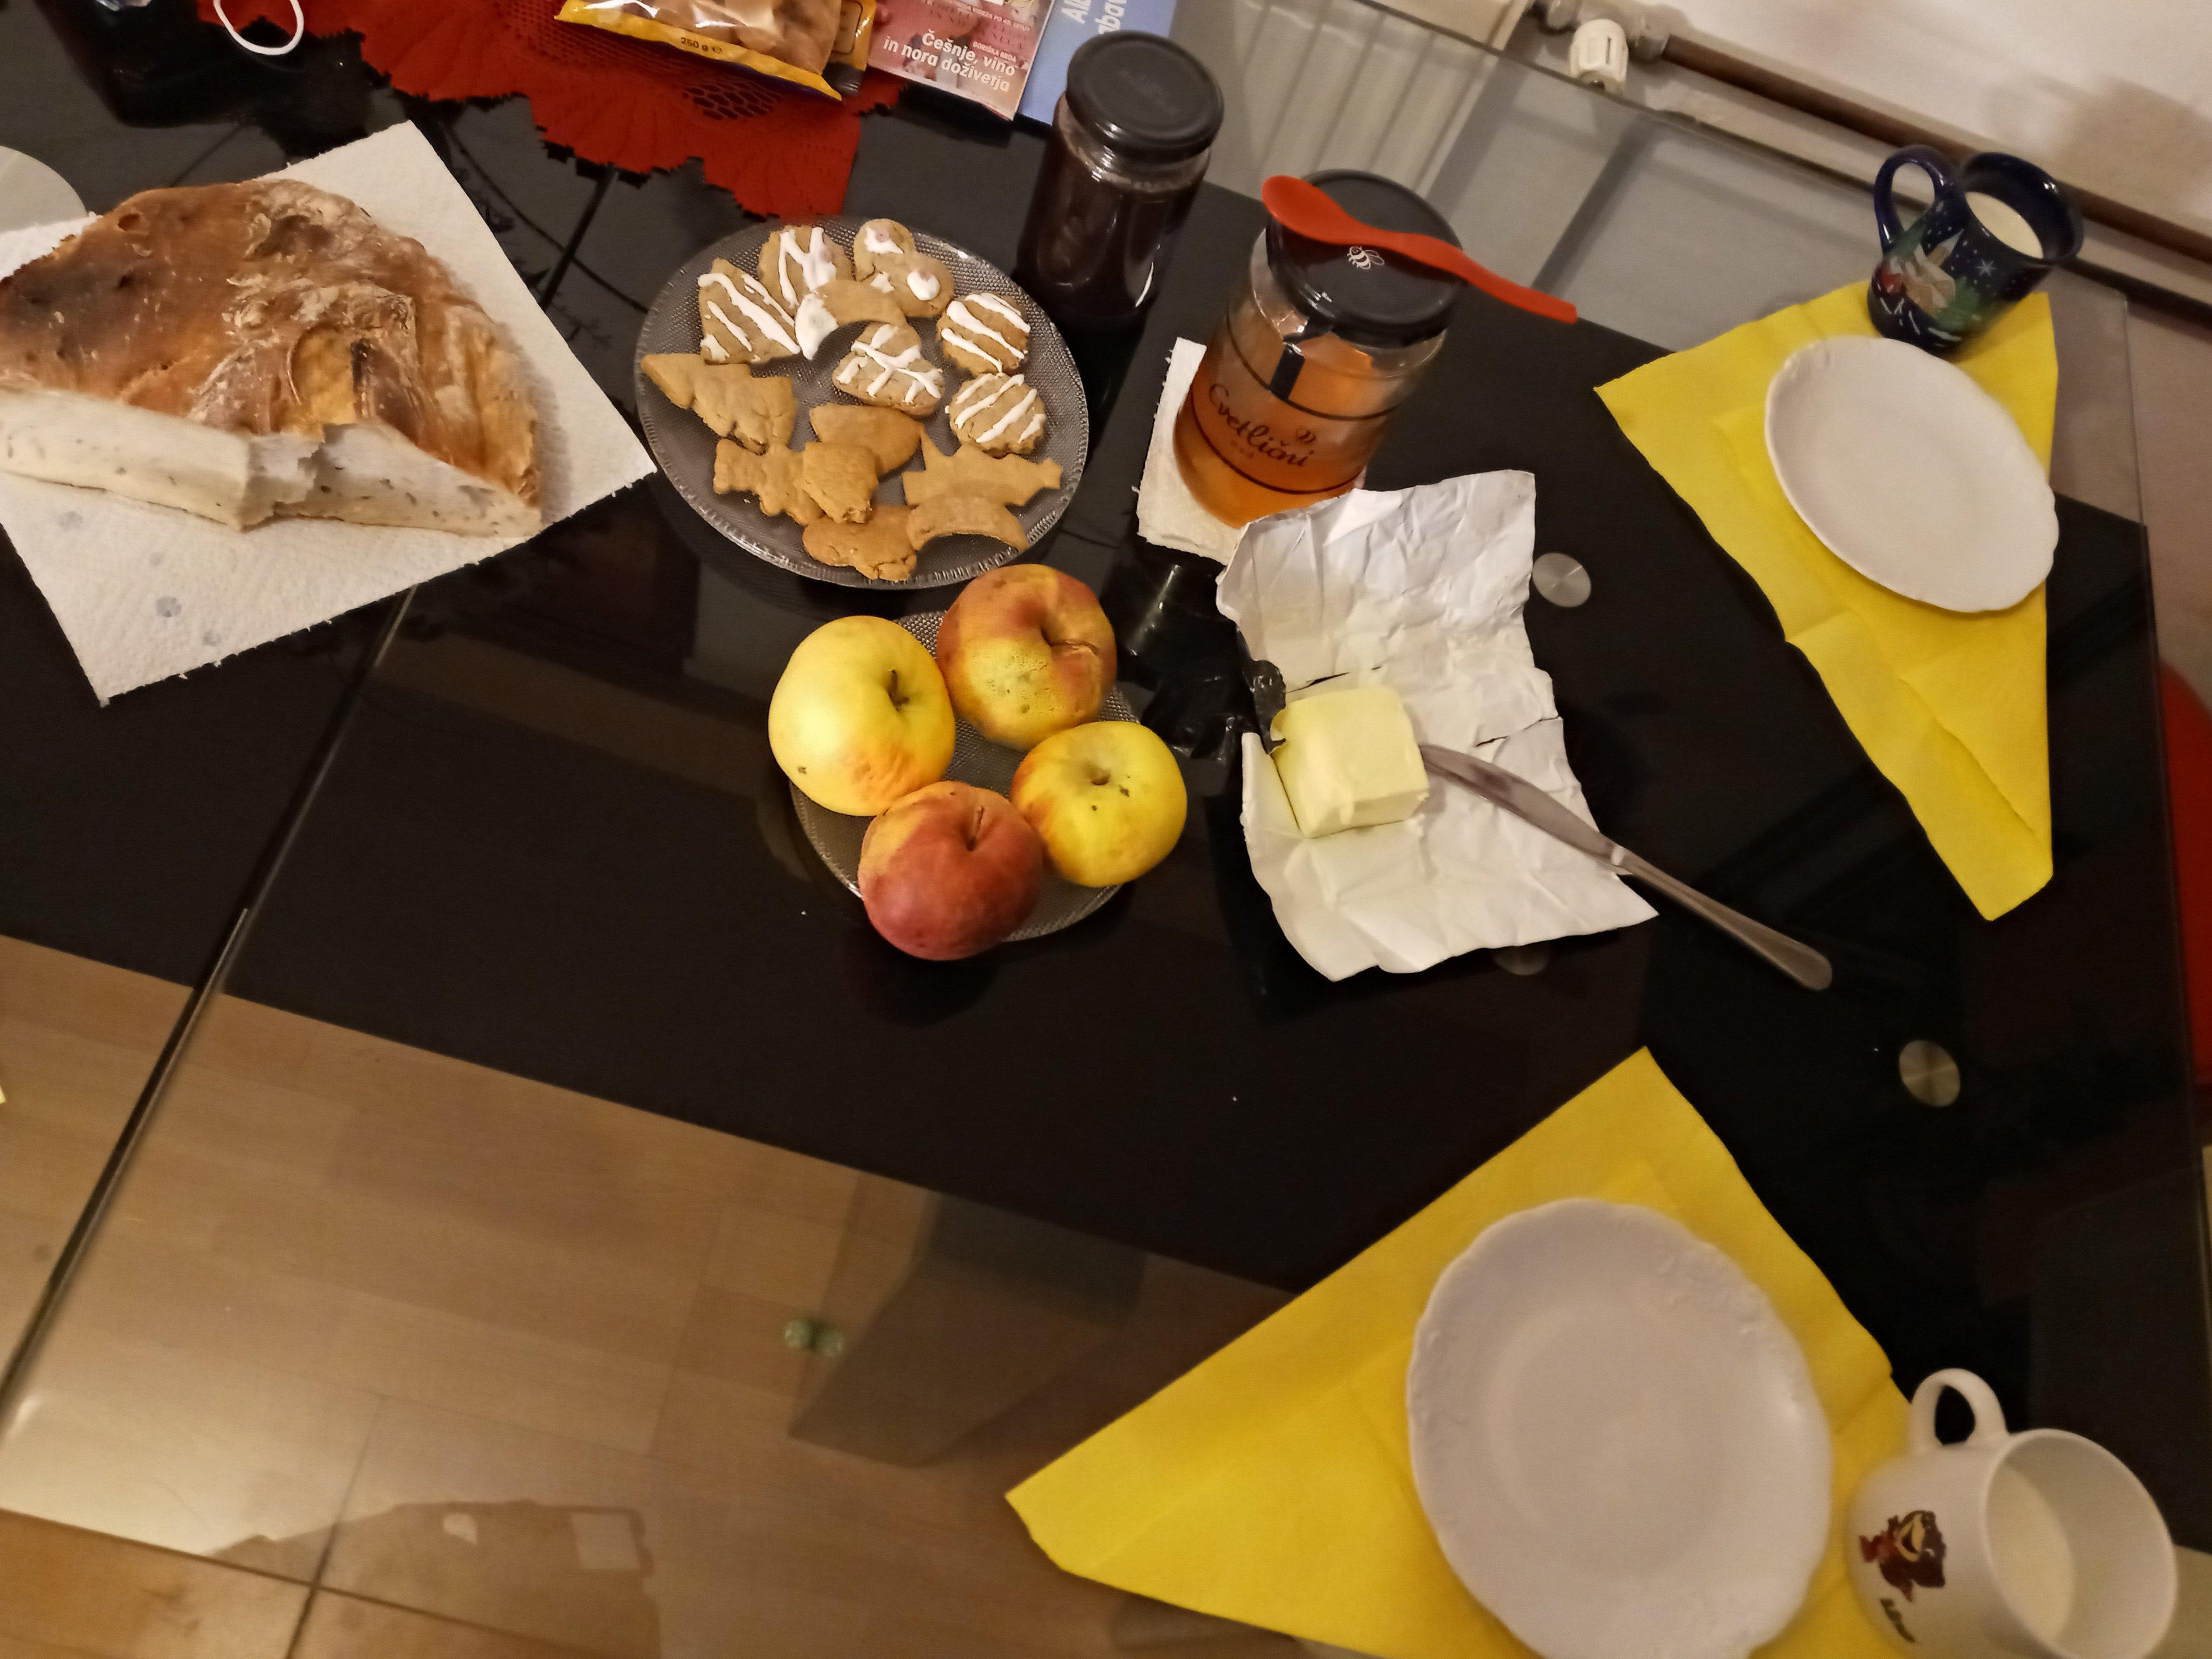 tradicionalni-slovenski-zajtrk-gal-ojsterc5a1ek-7-r